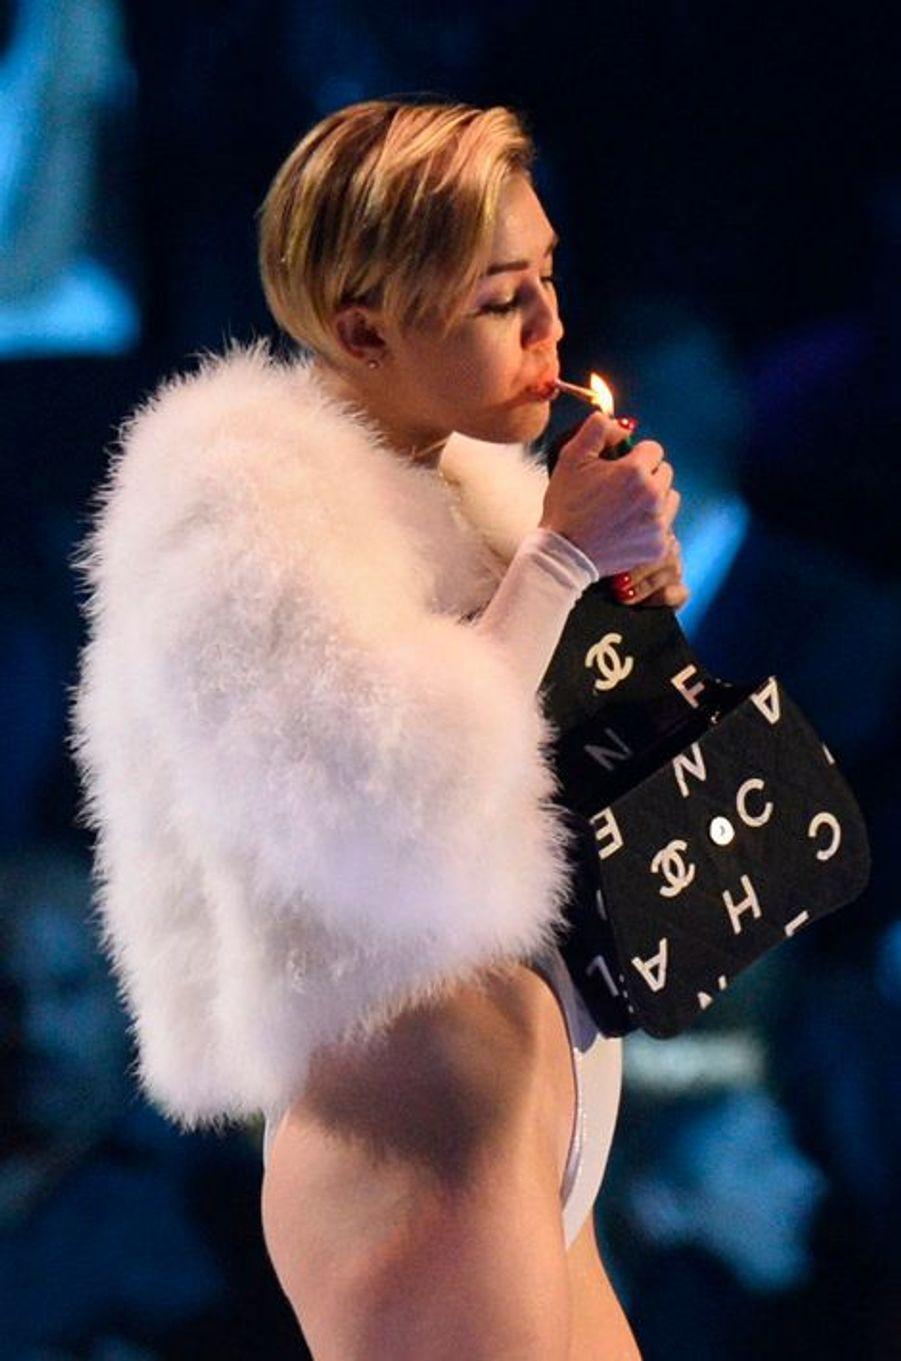 La starlette a réussi son coup médiatique. Lauréate d'un prix dans la catégorie meilleur clip de l'année lors des MTV Europe Awards, Miley Cyrus a fait encore parler d'elle pour ses tenus sexy... et avoir allumé un joint en plein concert, ce qui est légal à Amsterdam aux Pays-Bas.